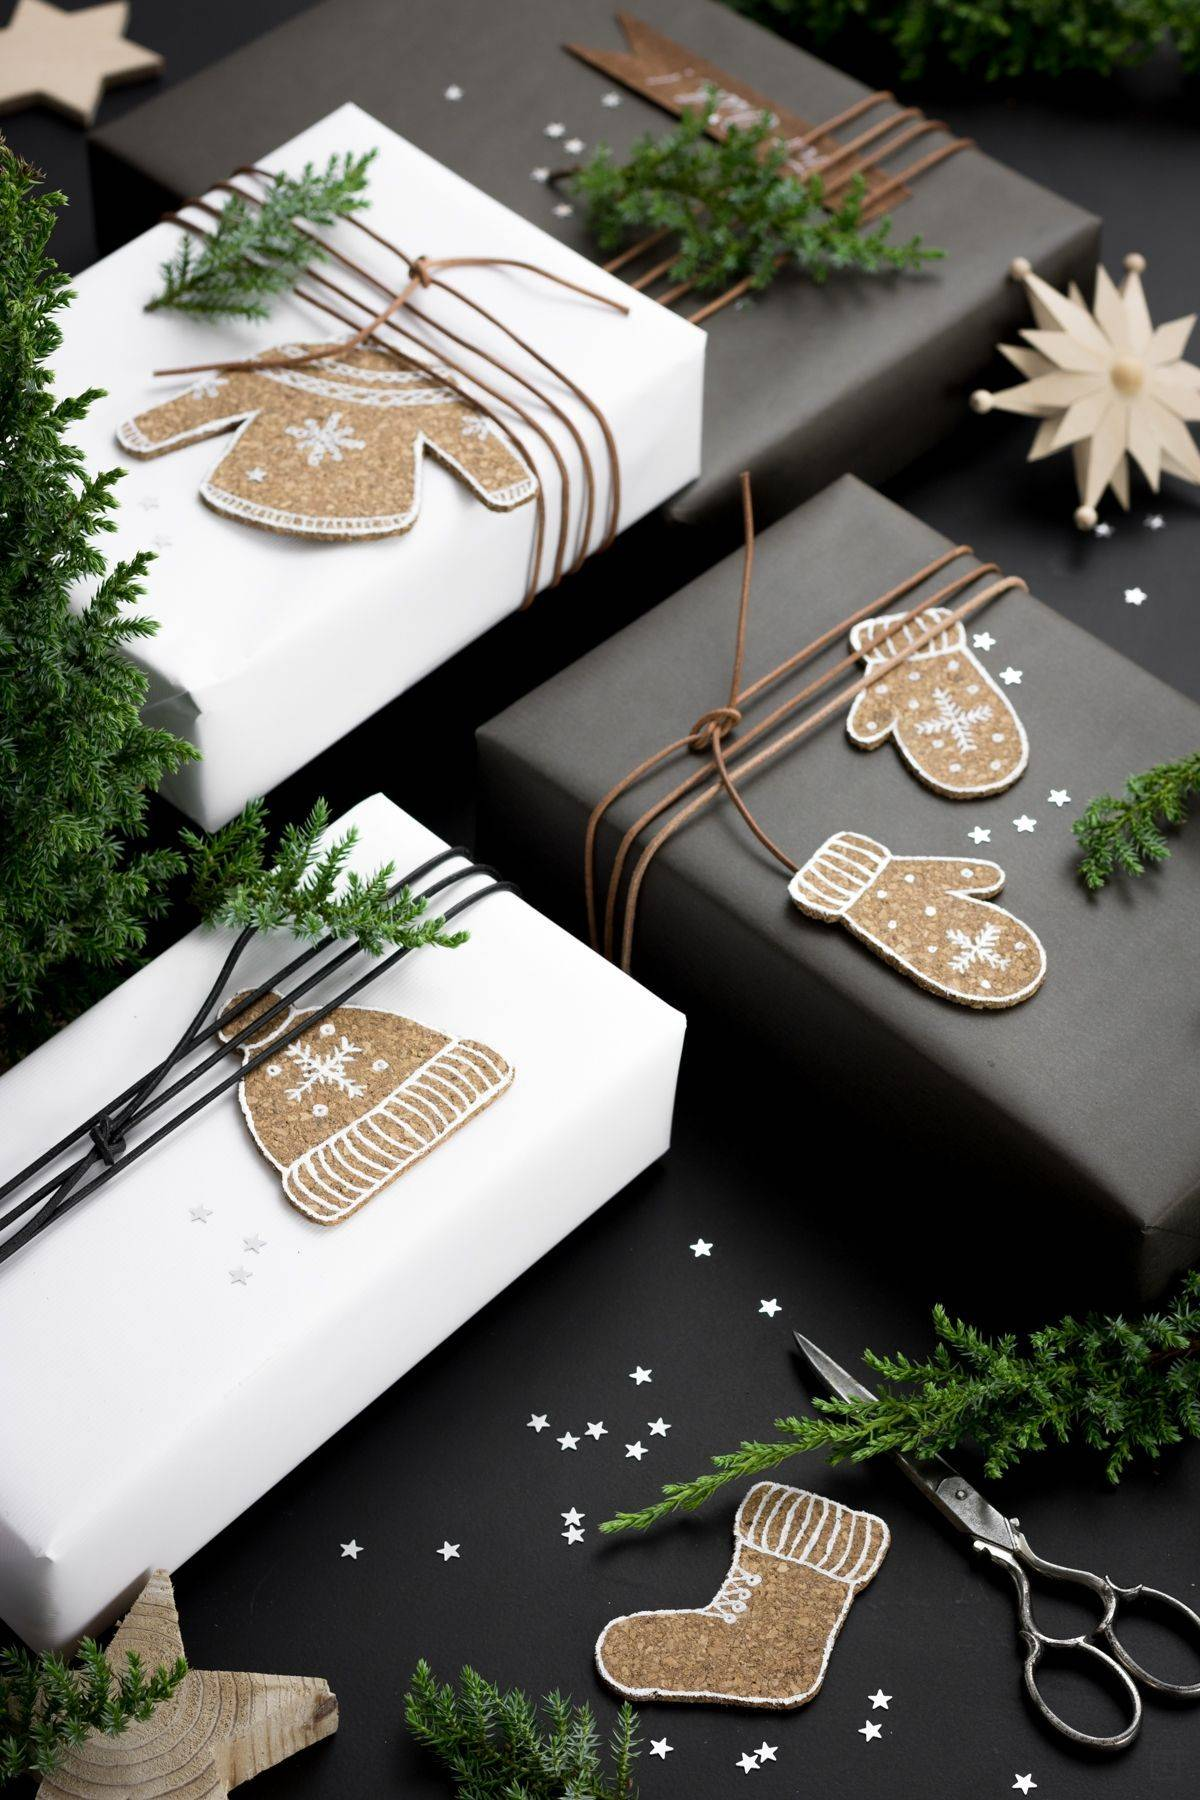 22. Decorativas figuras de corcho para personalizar los regalos